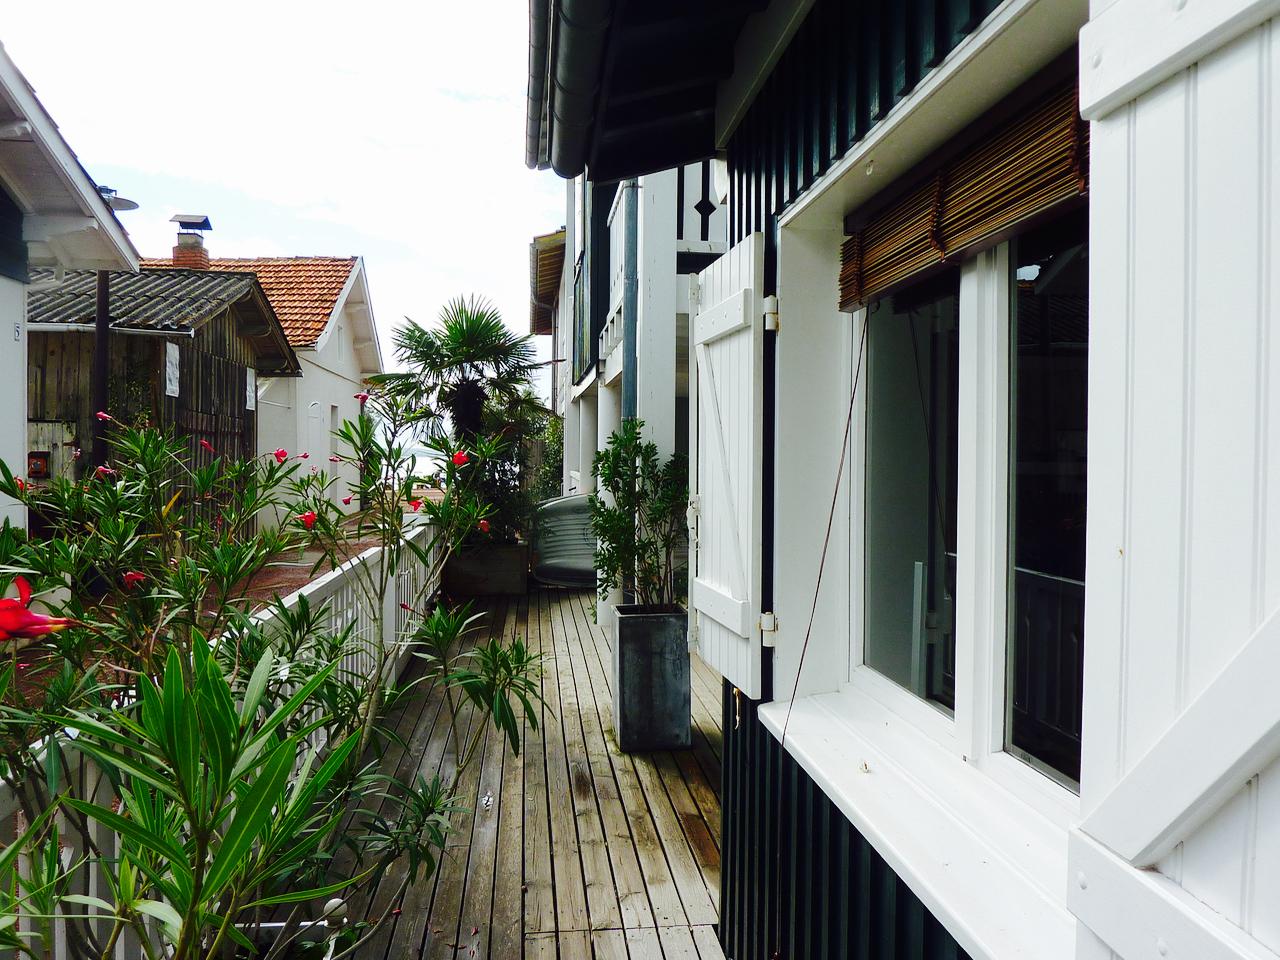 cap ferret village ostreicole maison typique en bois barnes bassin d 39 arcachon. Black Bedroom Furniture Sets. Home Design Ideas